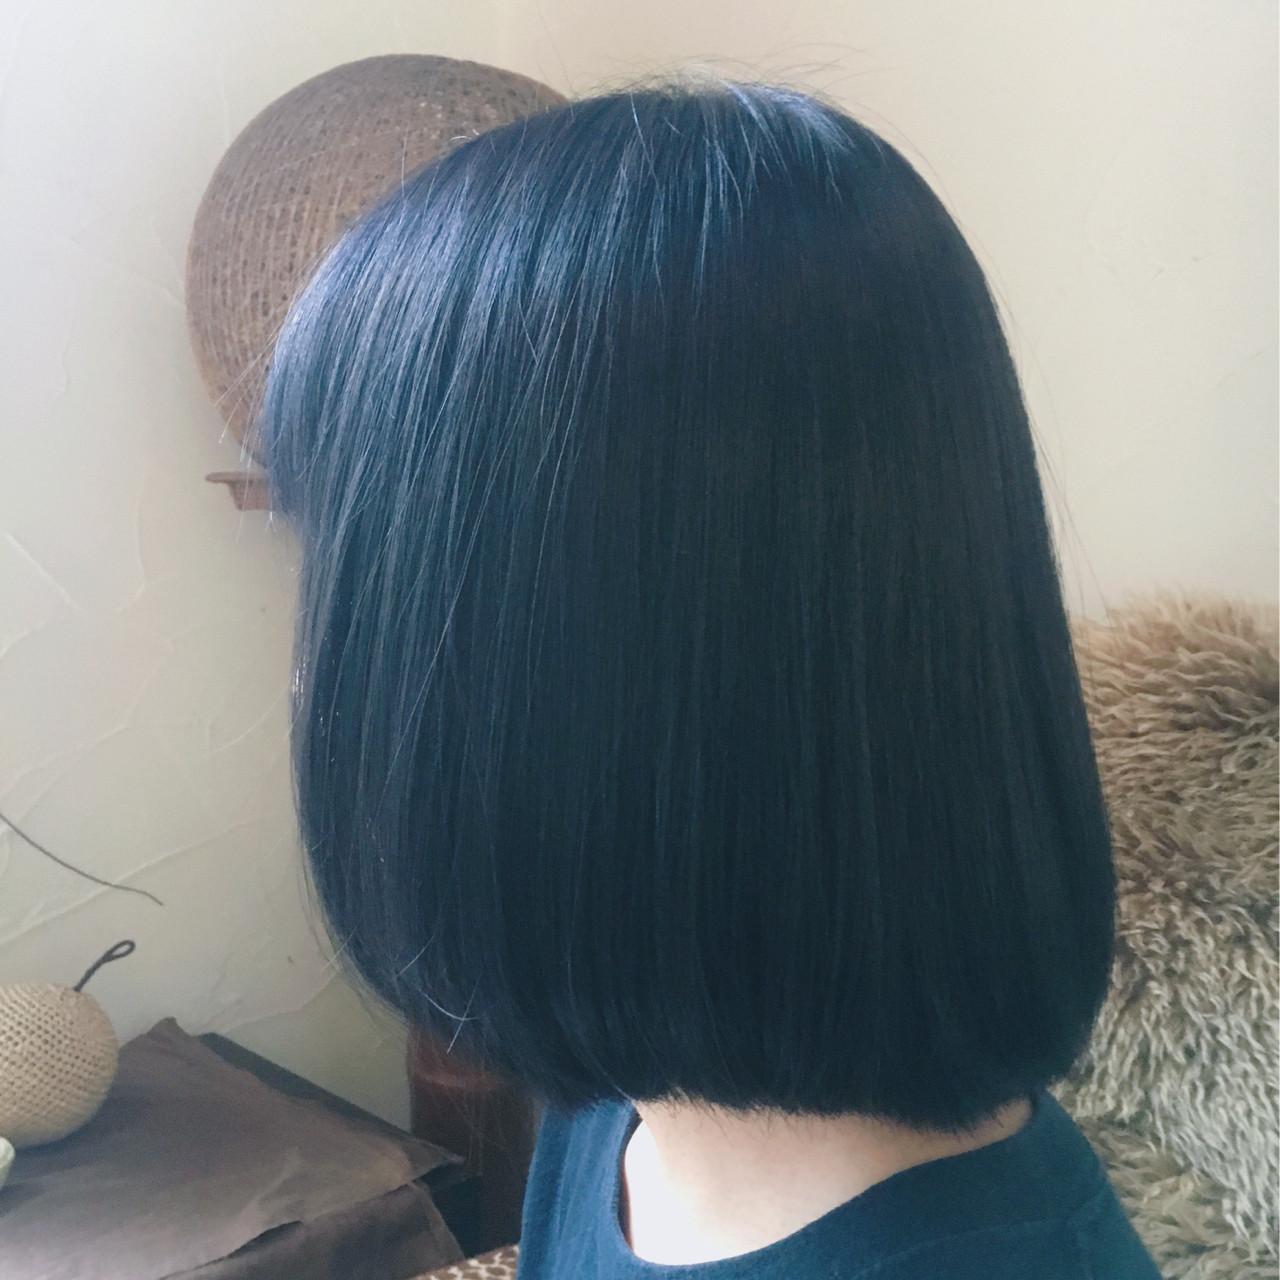 ナチュラル ブルー 暗髪 ボブ ヘアスタイルや髪型の写真・画像